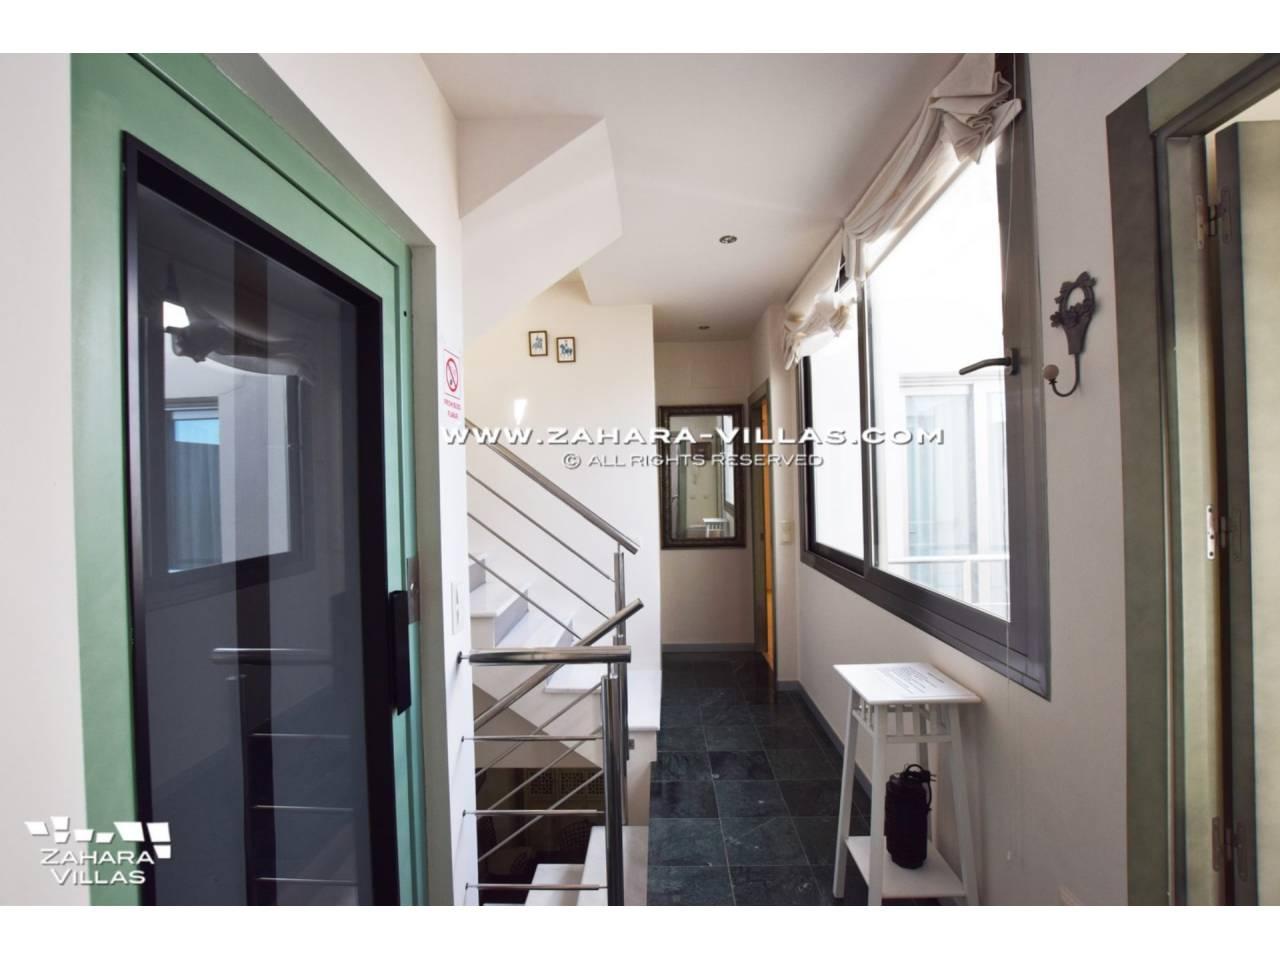 Imagen 21 de House for sale in Zahara de los Atunes